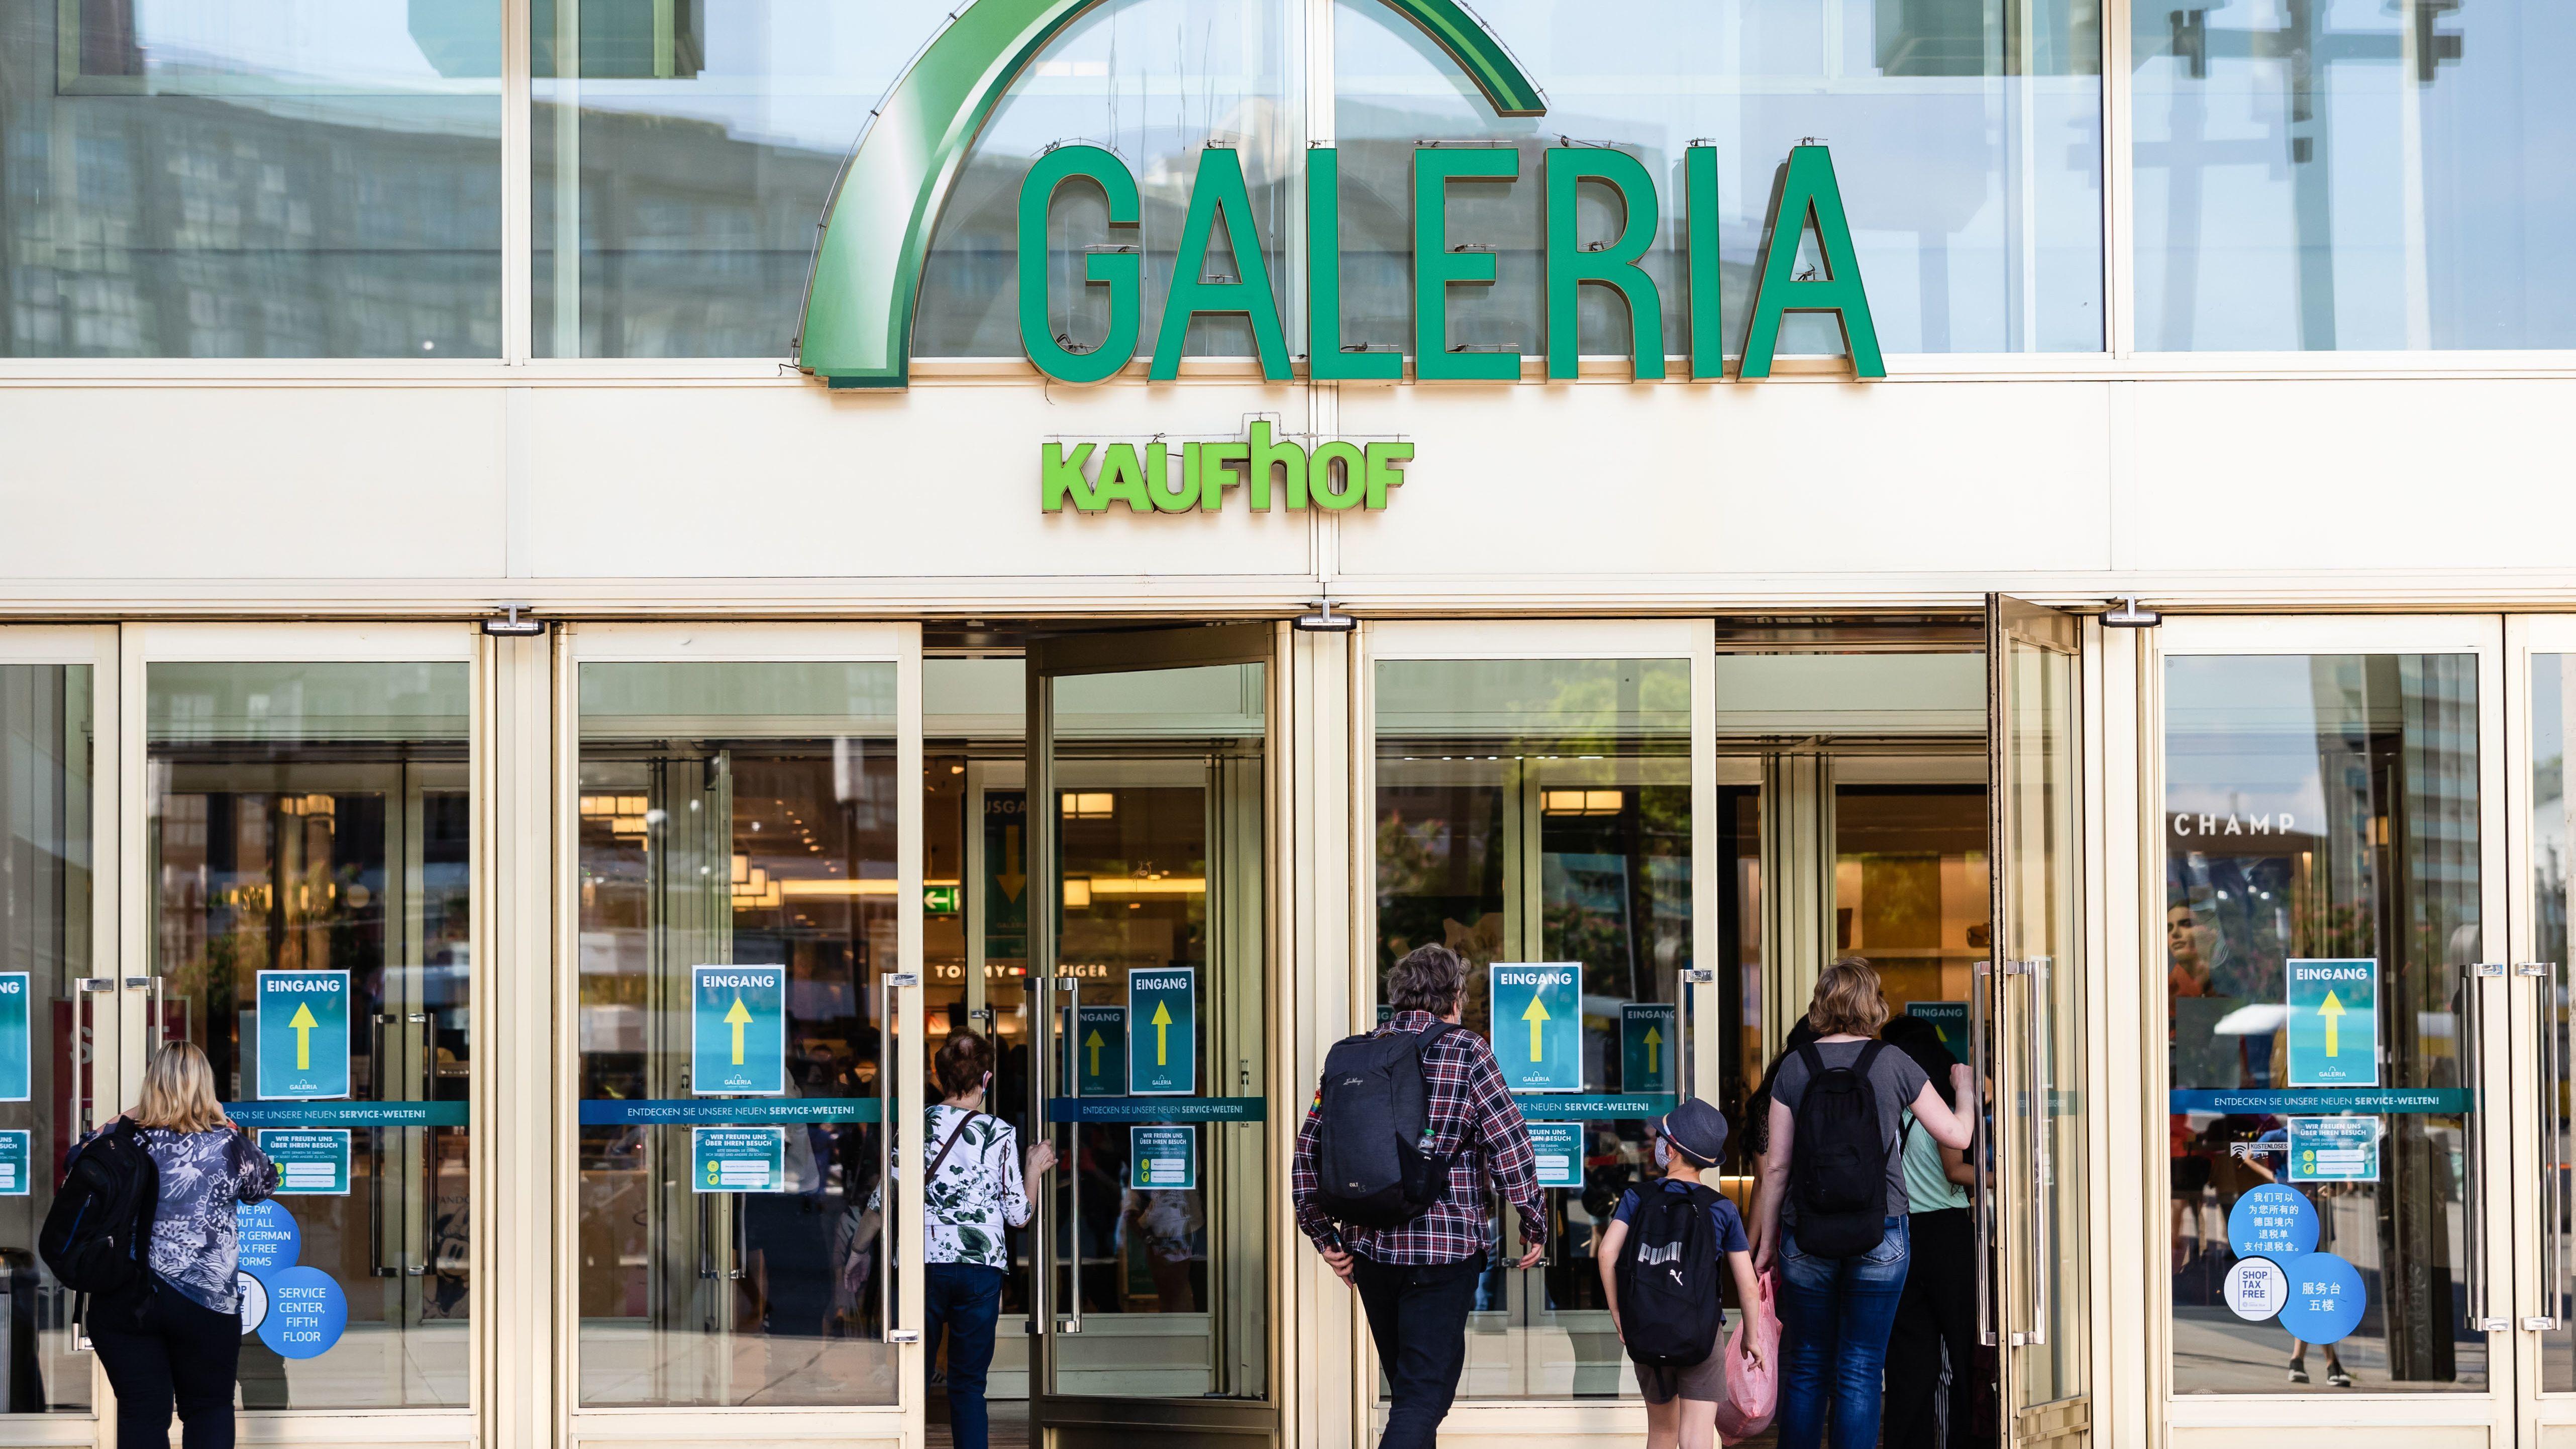 Galeria Karstadt Kaufhof in der Krise: Der Warenhauskette drohen durch die Corona-Krise Umsatzeinbußen in Milliardenhöhe.